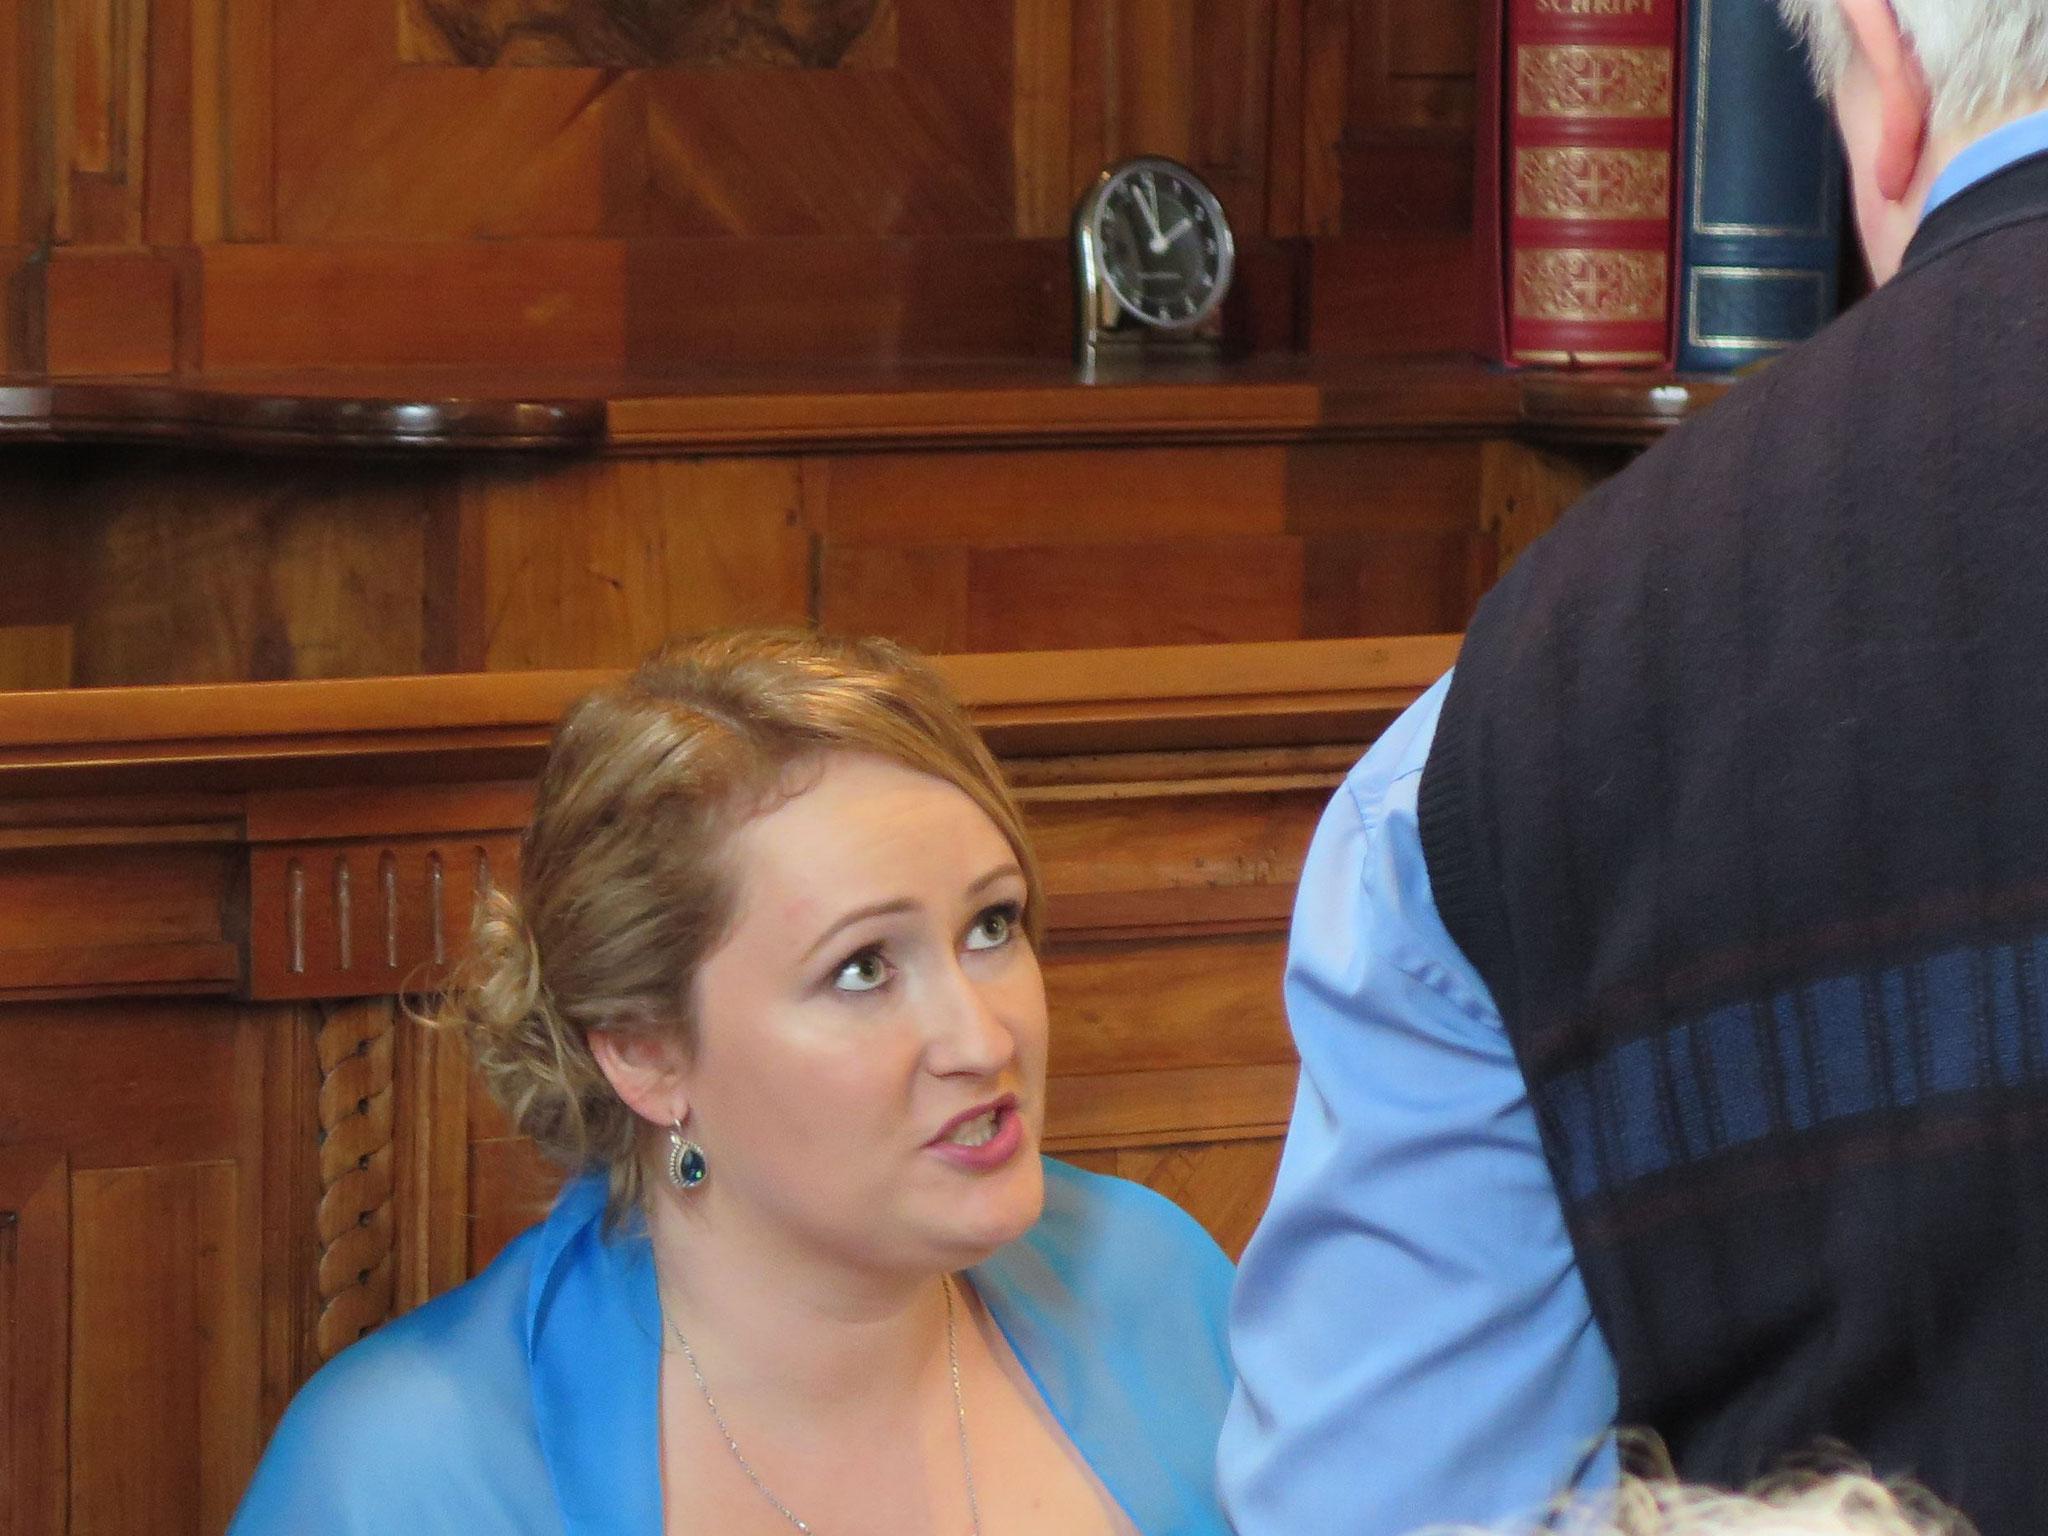 Vater und Tochter besprechen noch die letzten Details.